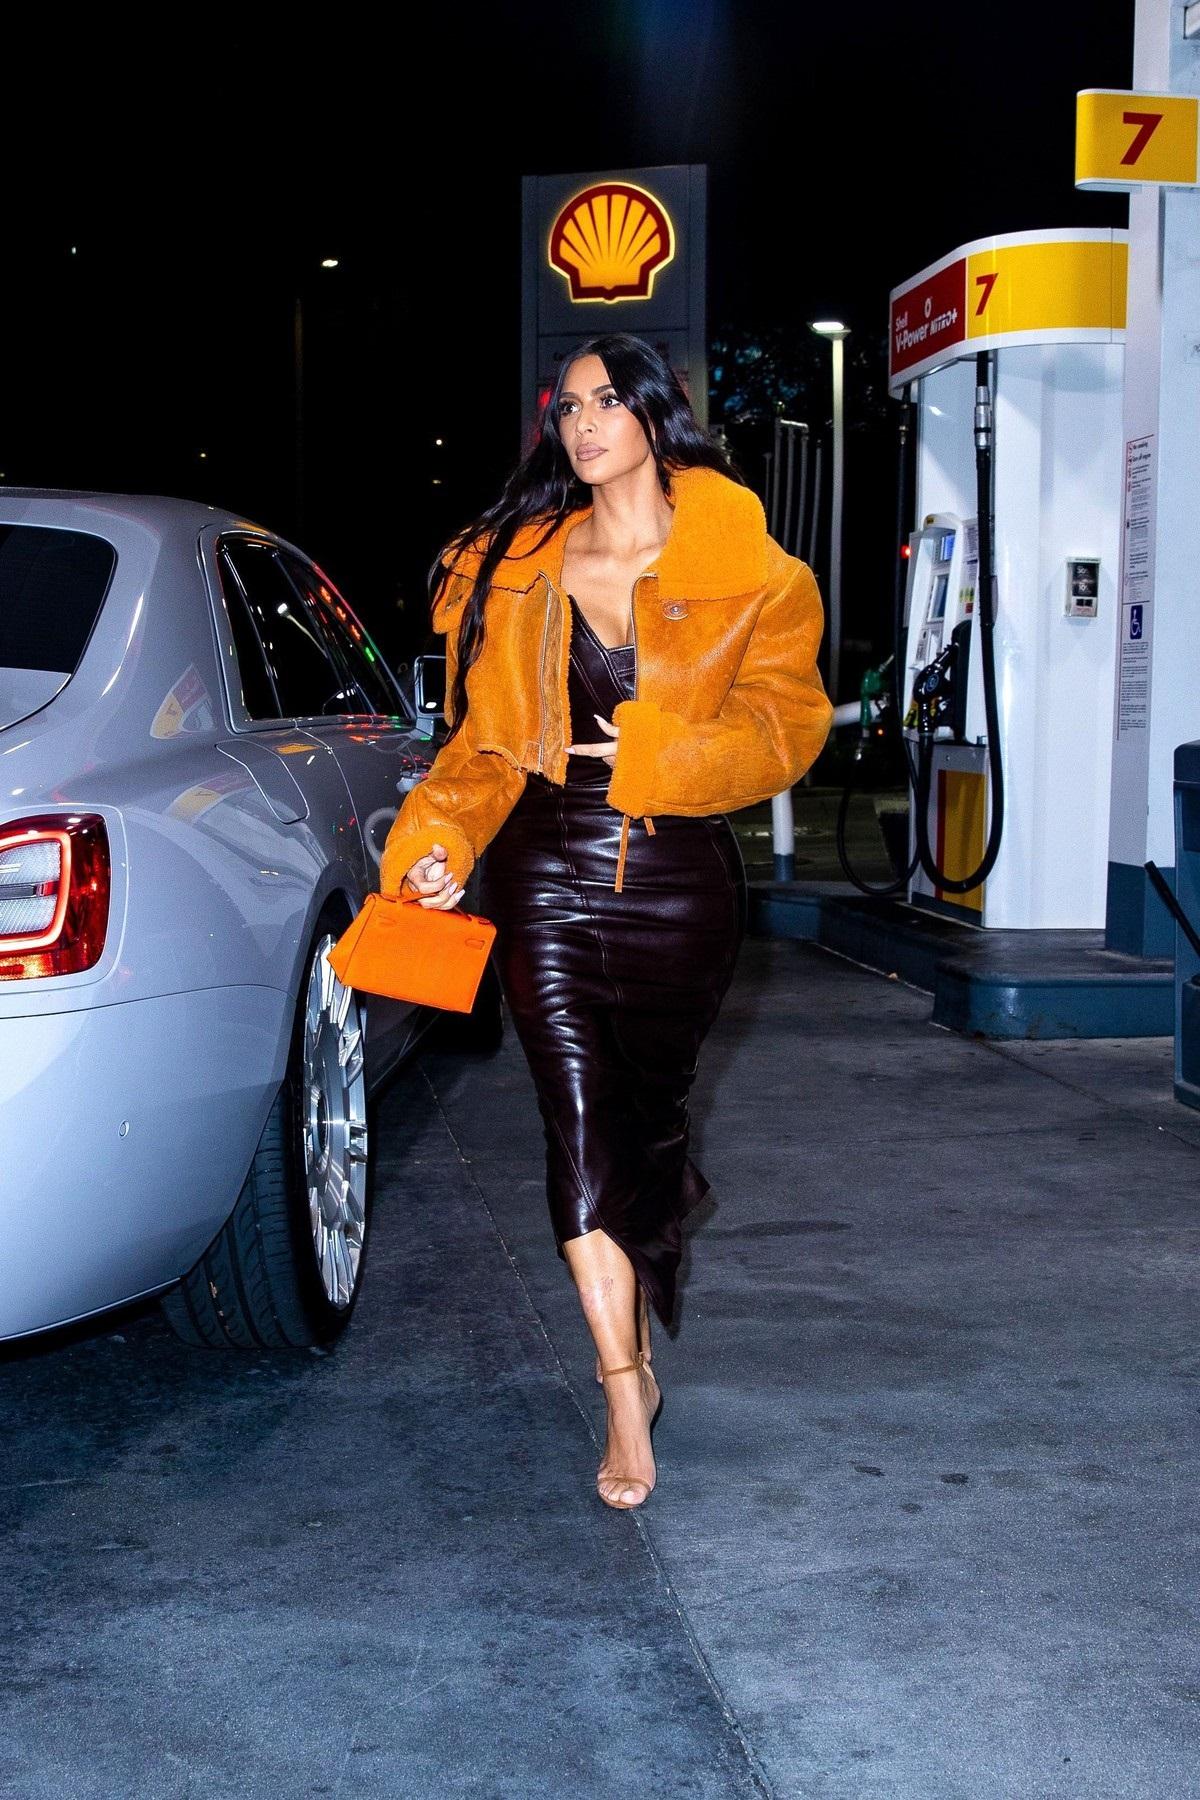 Kim Kardashian a purtat o jachetă orange de la un brand deținut de Kanye West la care a asortat o rochie din piele neagră și o pereche de tocuri nude în timp ce a făcut cumpărături într-o parcare din Los Angeles